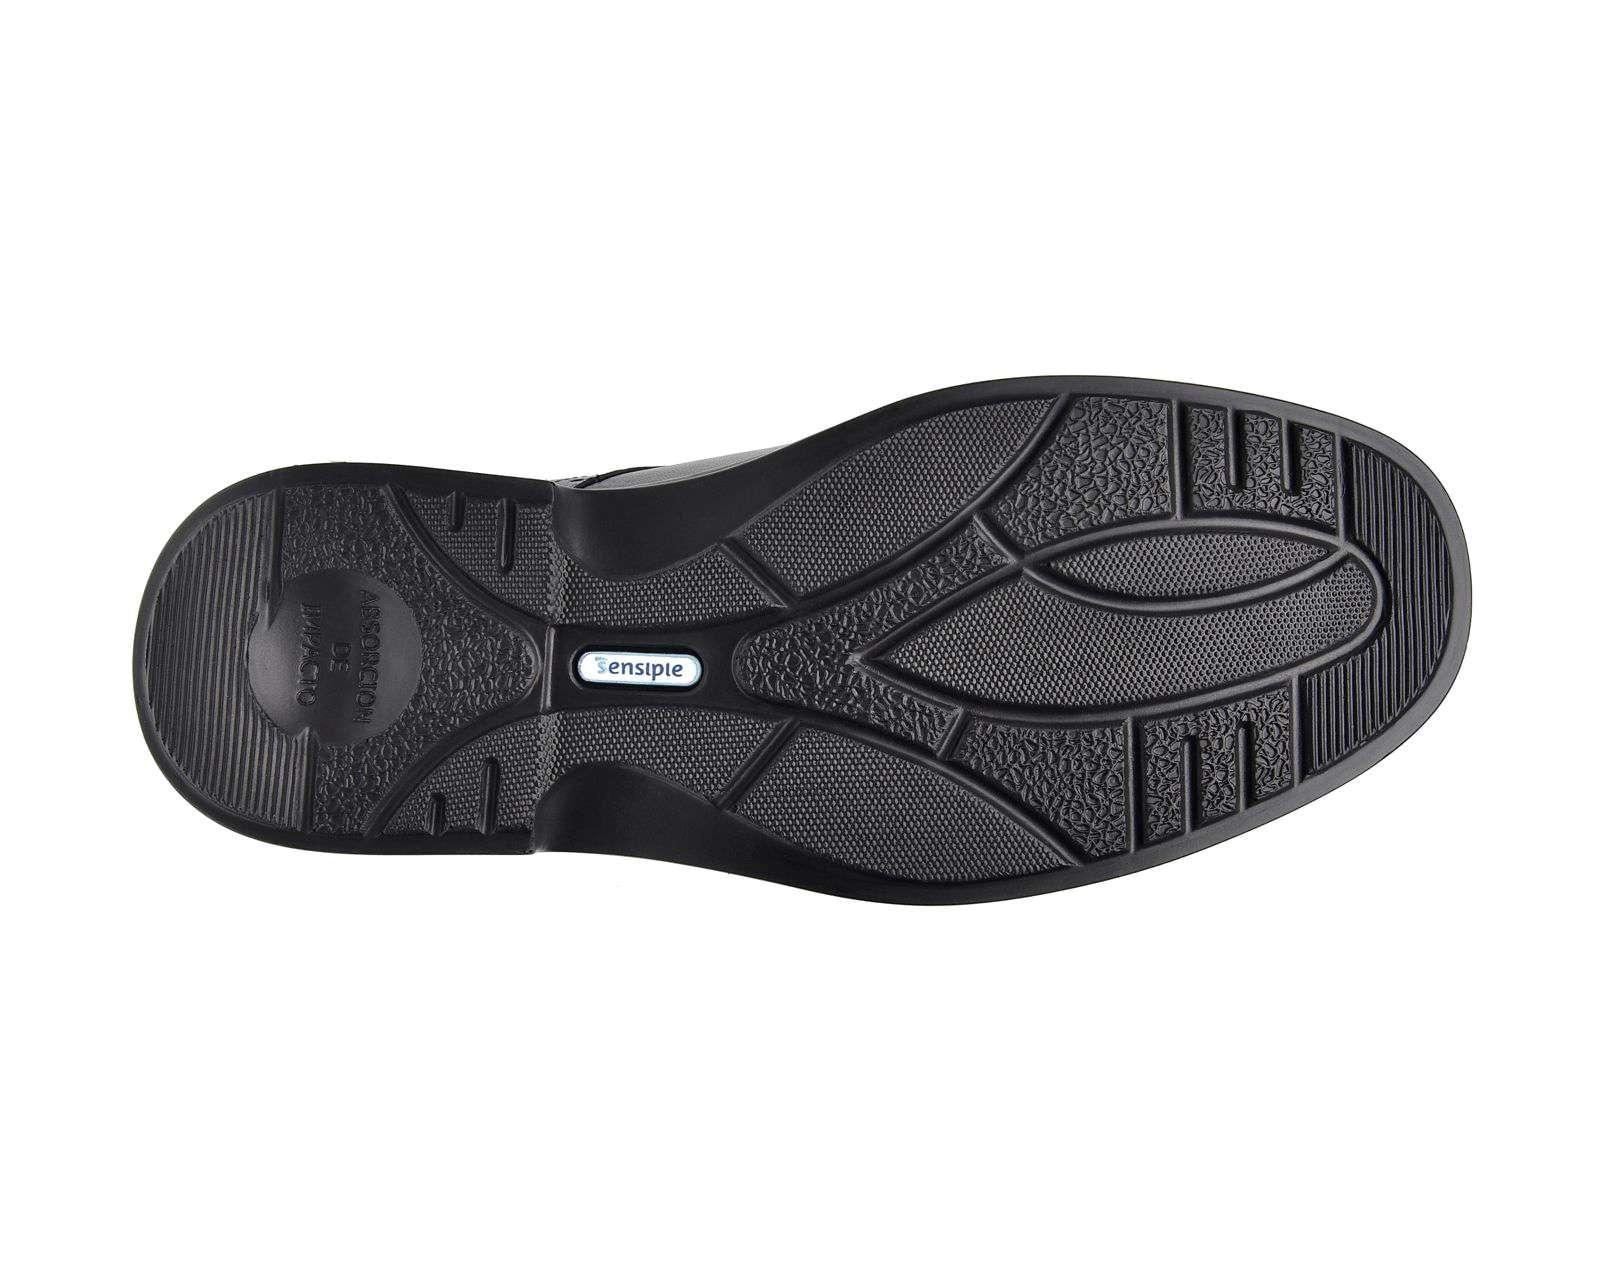 Foto 5 Zapatos para Diabético Confort Sensipie de Piel para Hombre